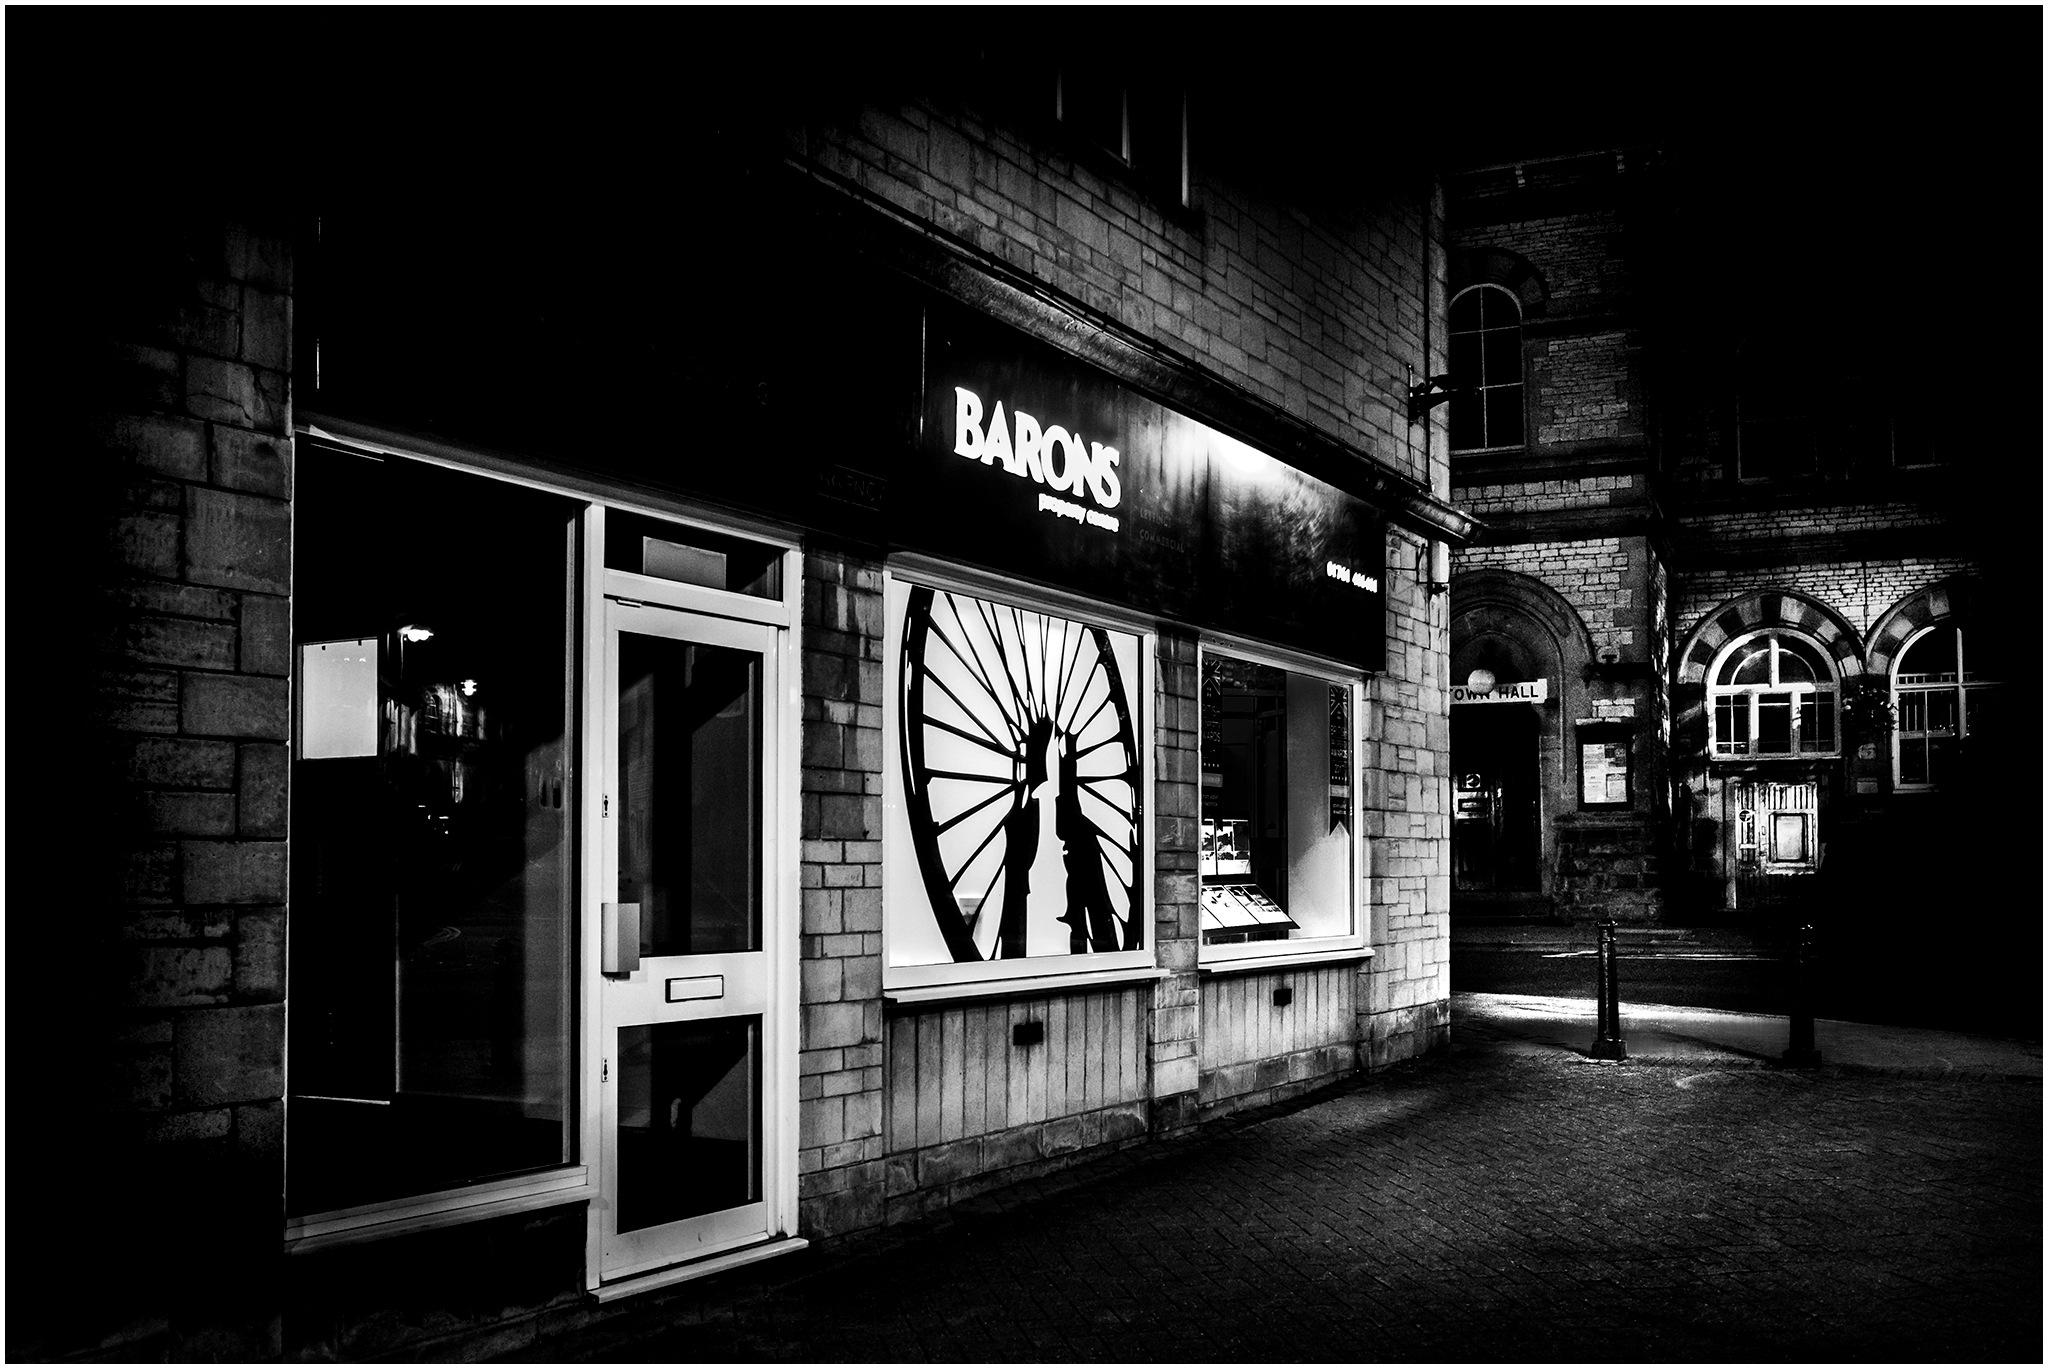 Barons by Clive Ayron